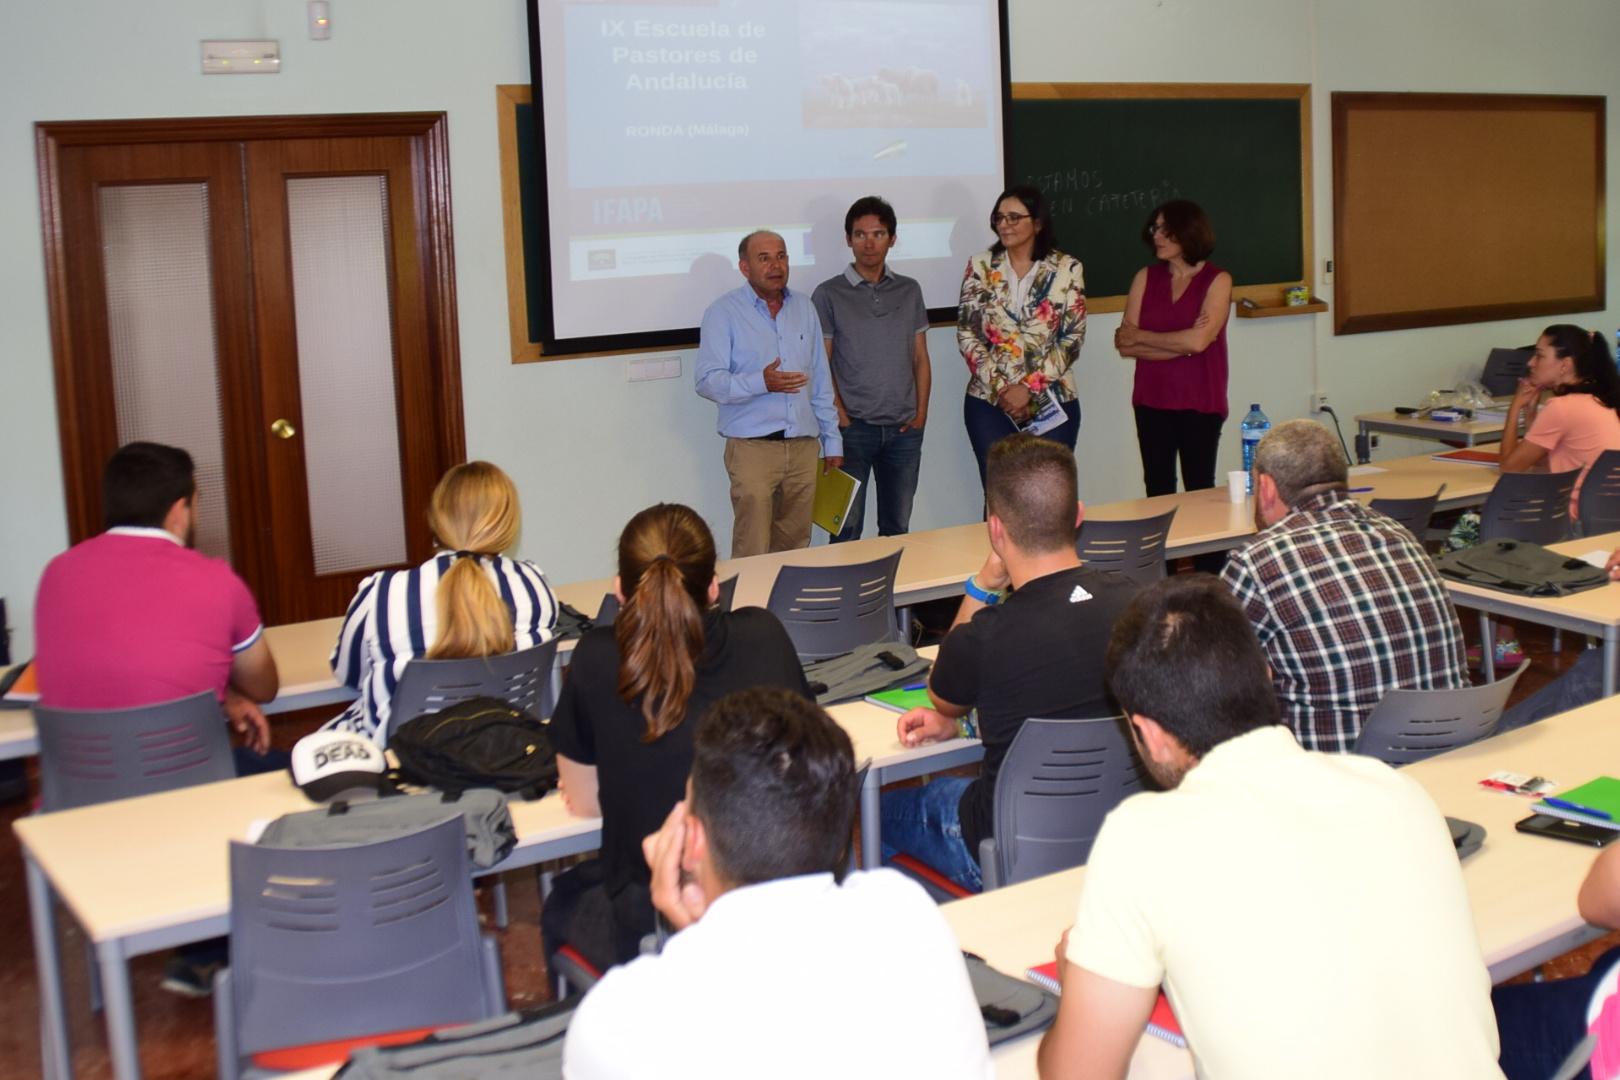 Arranca la 9ª edición de la escuela de pastores de Andalucía